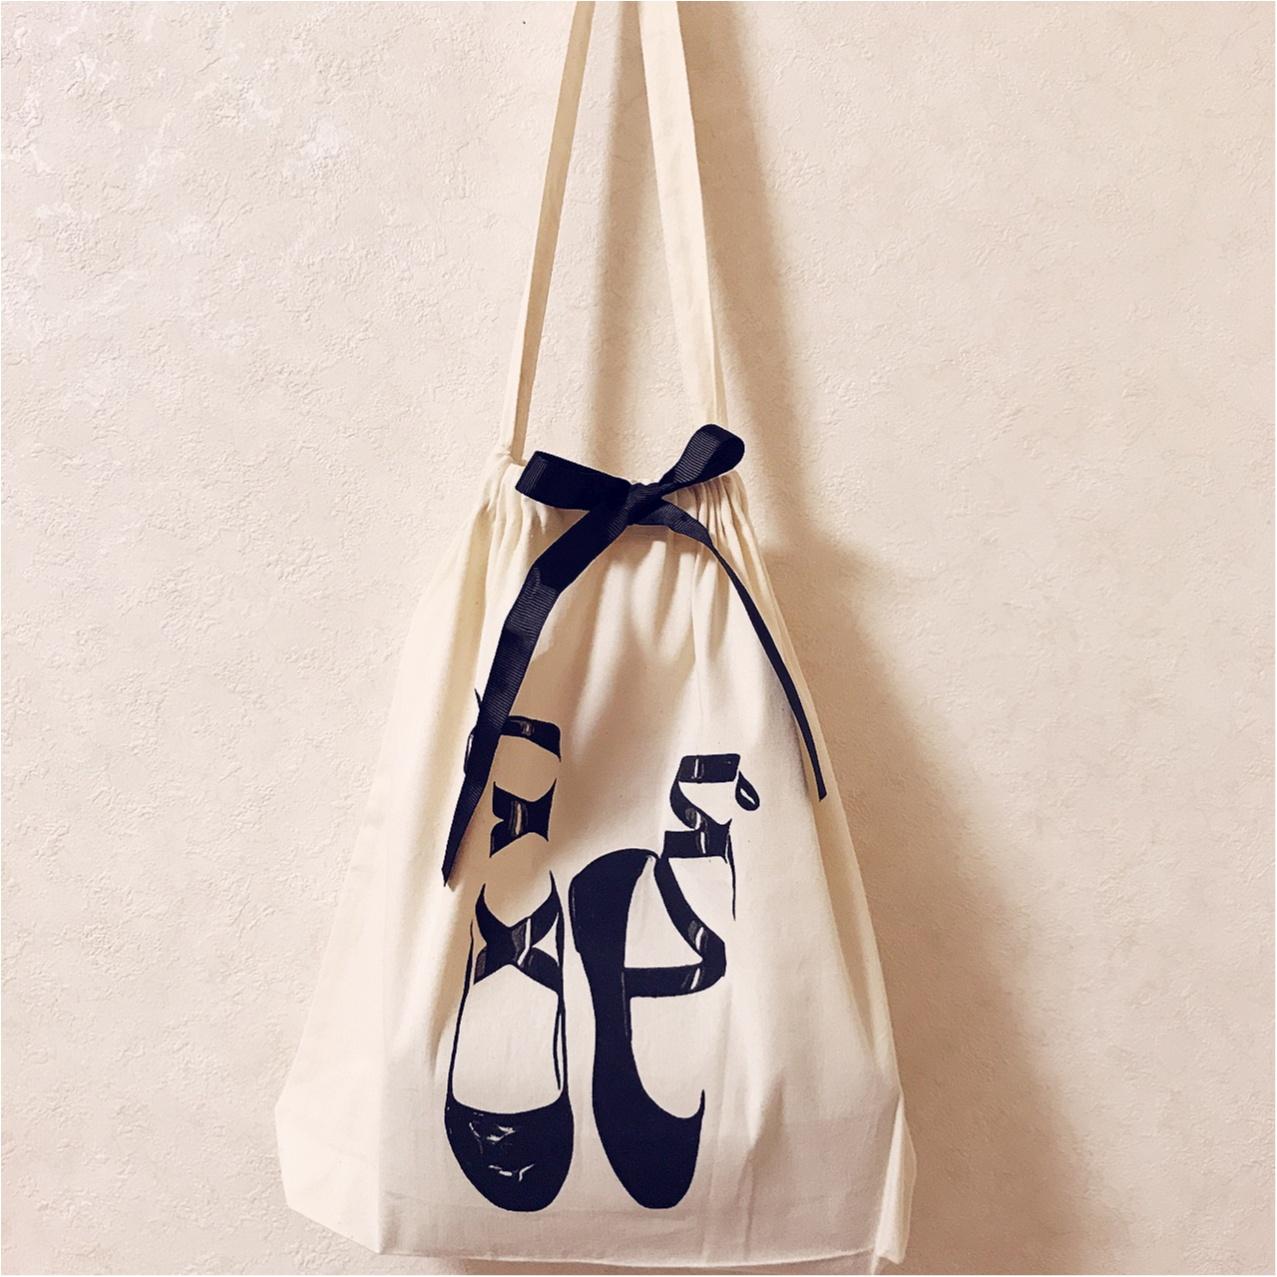 NY発!【Bag-all】のコットンオーガナイジングバッグがかわいすぎるっ♡_3